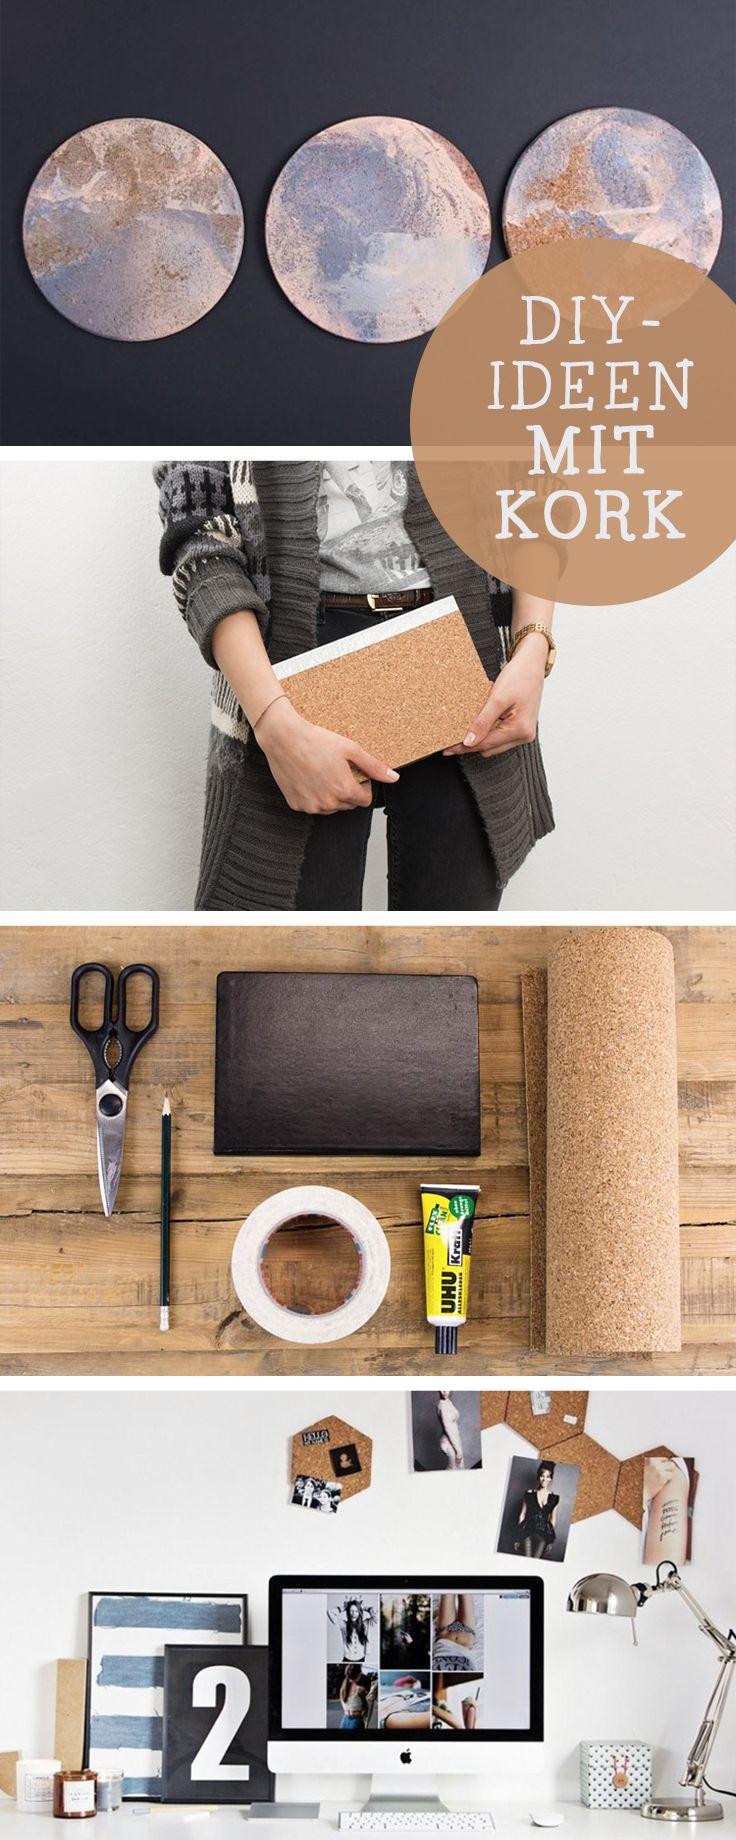 die besten 25 basteln mit kork ideen auf pinterest bastelprojekte mit weinkorken. Black Bedroom Furniture Sets. Home Design Ideas